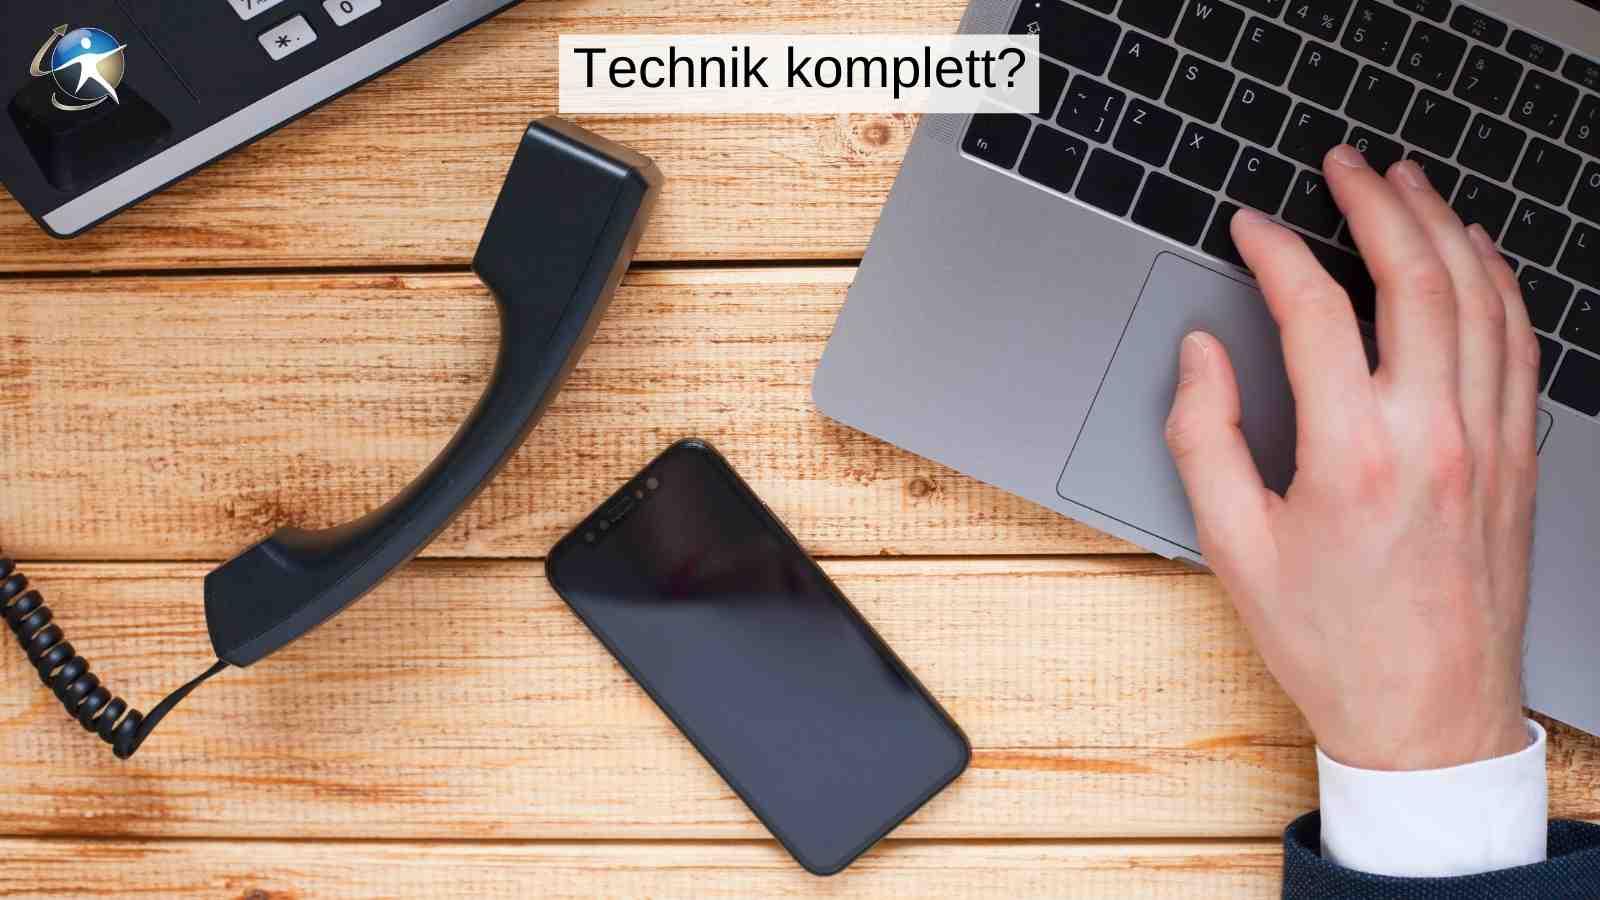 Sie brauchen nicht viel Technik für die Online-Beratung